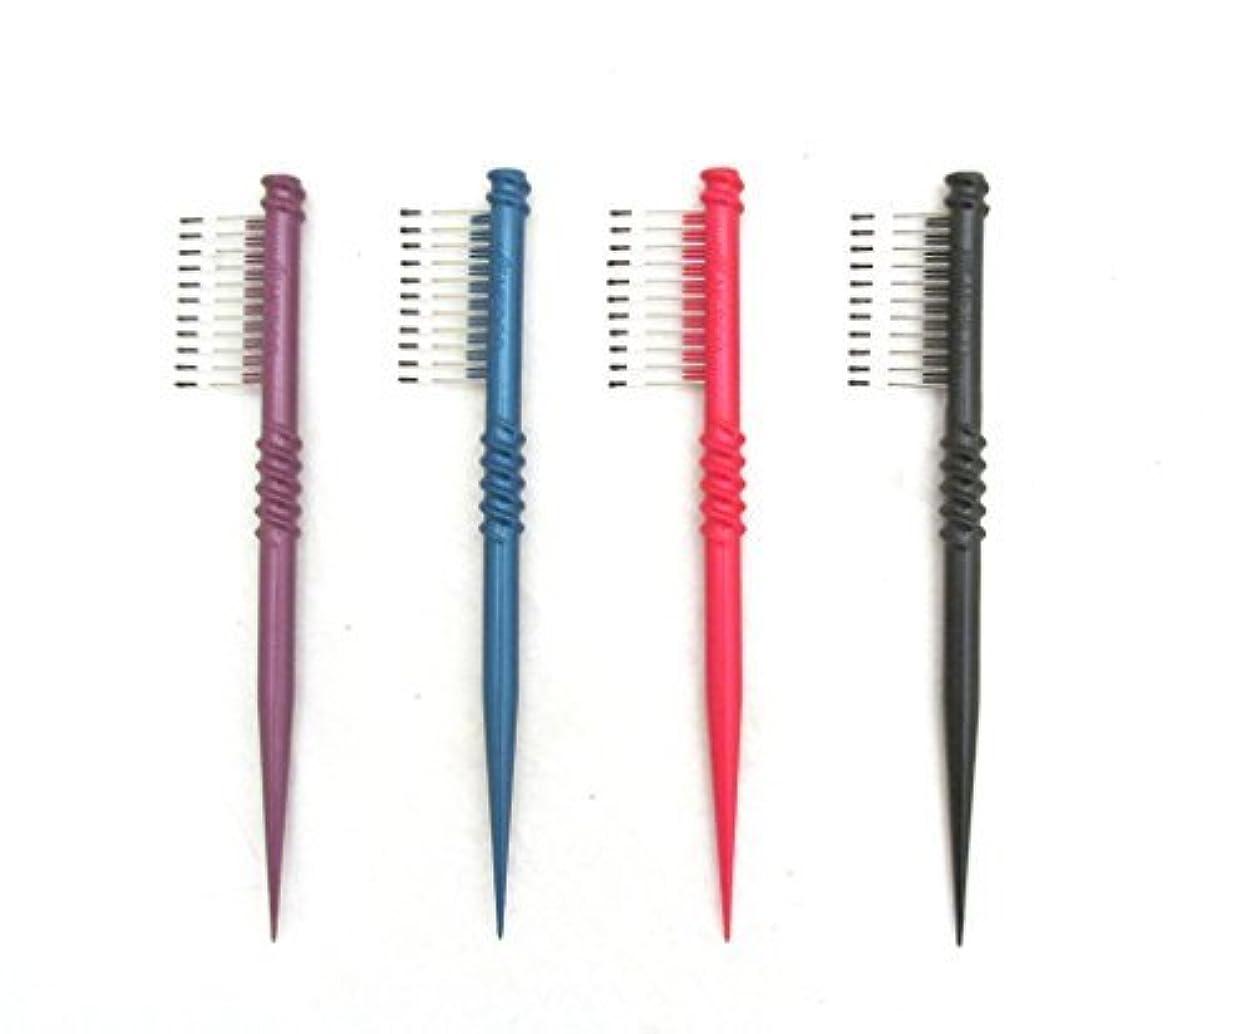 ラフ睡眠尾フリルMEBCO 8  Touch-Up Comb (Model: TH1) - Get all 4 colors, Detangler, hair brush, hair comb, pick, pik, pulls out...